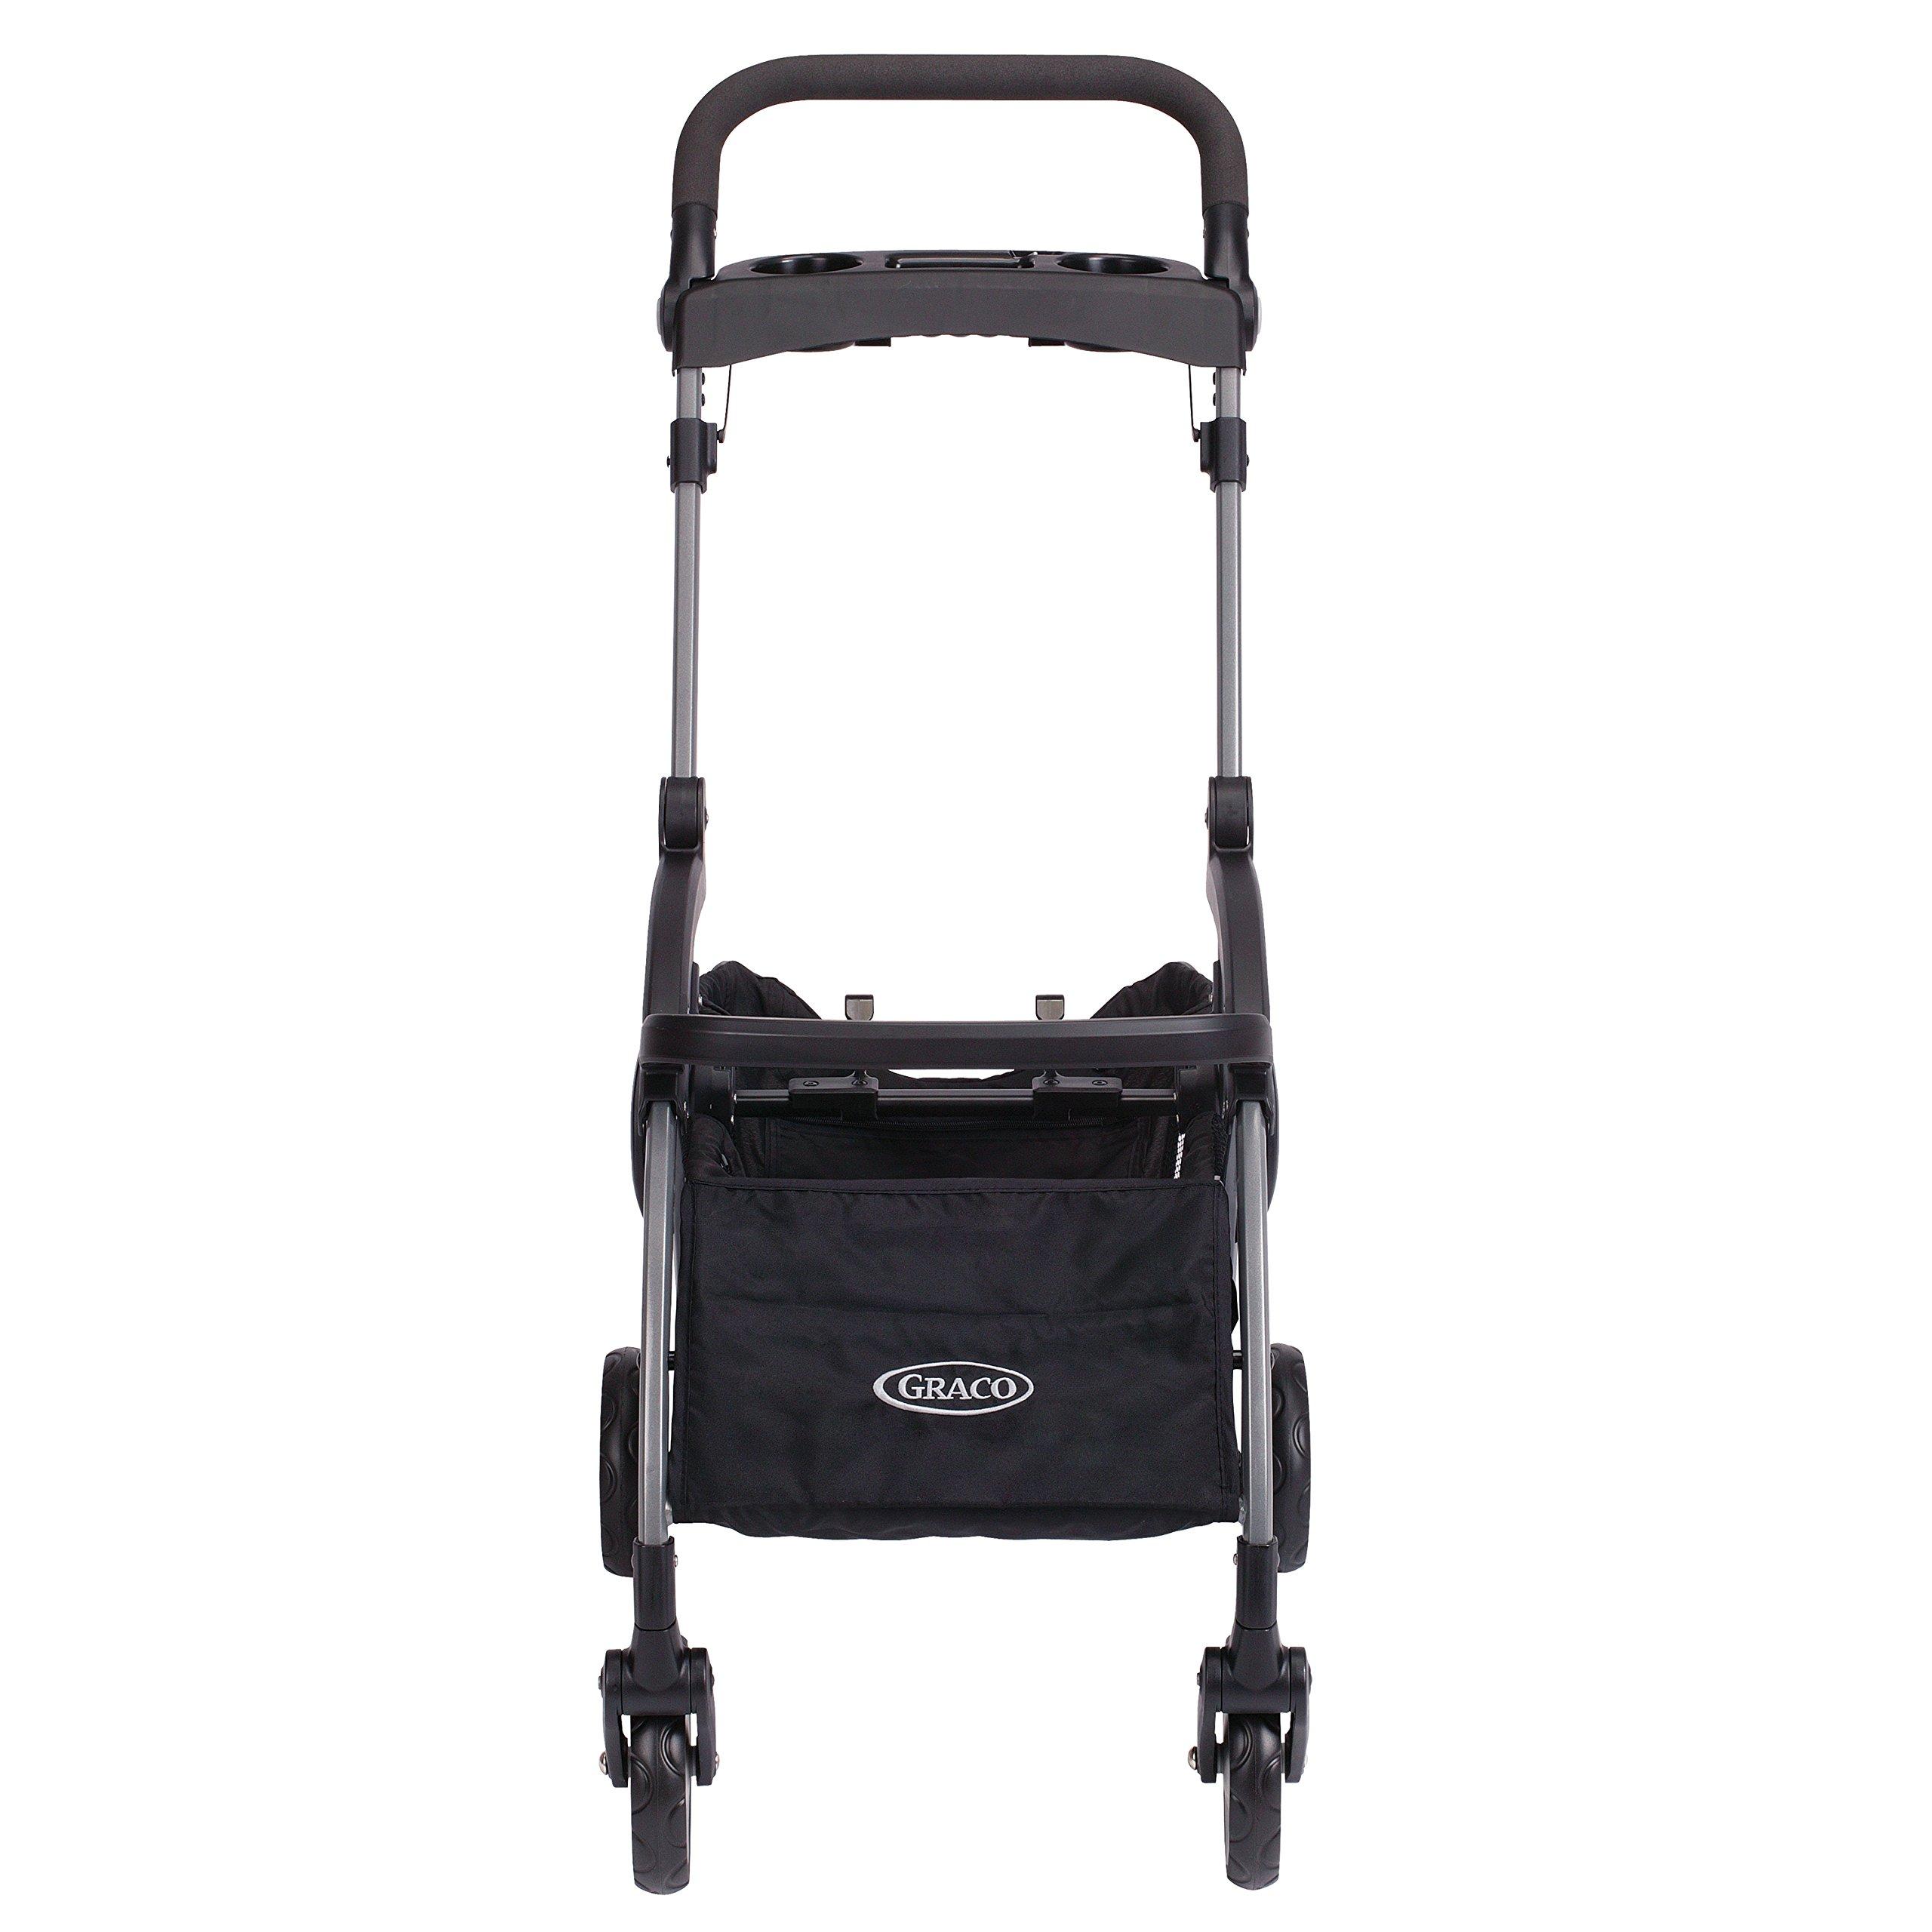 Graco SnugRider Elite Infant Car Seat Frame Stroller Black